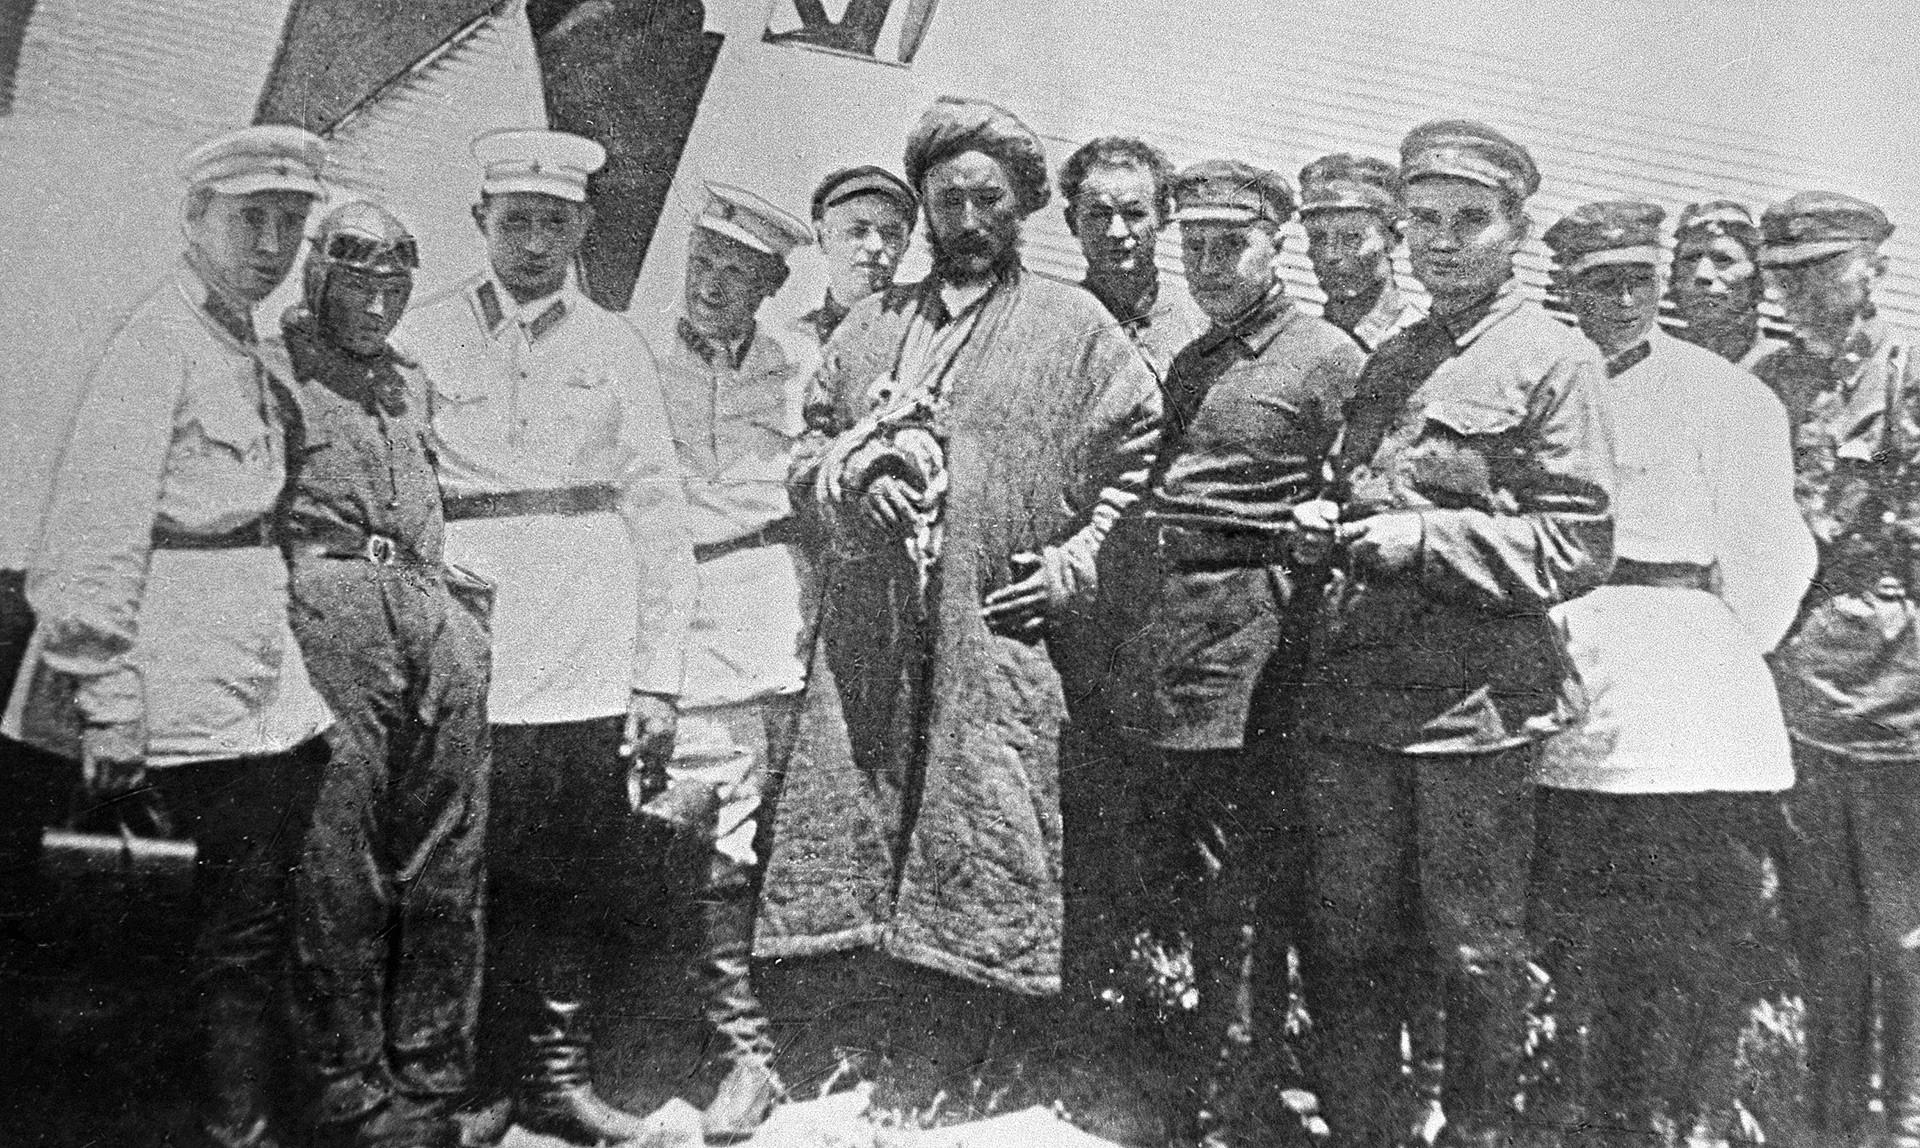 Група припадника Уједиње државне политичке управе са Ибрахим Беком (у средини), вође оружаног антибољшевичког отпора.